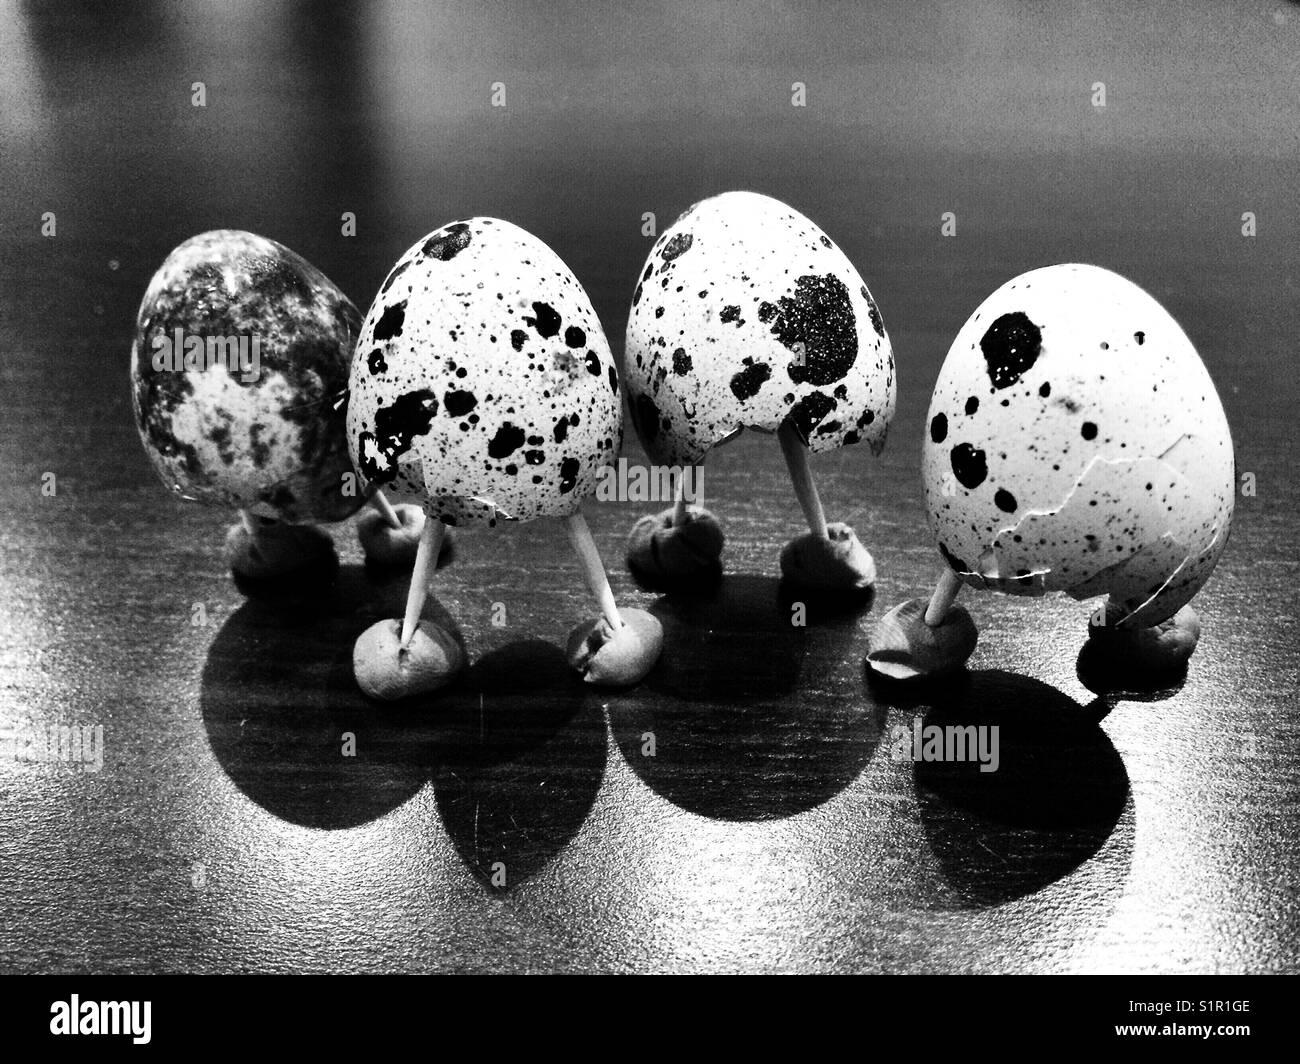 The quail mafia - Stock Image